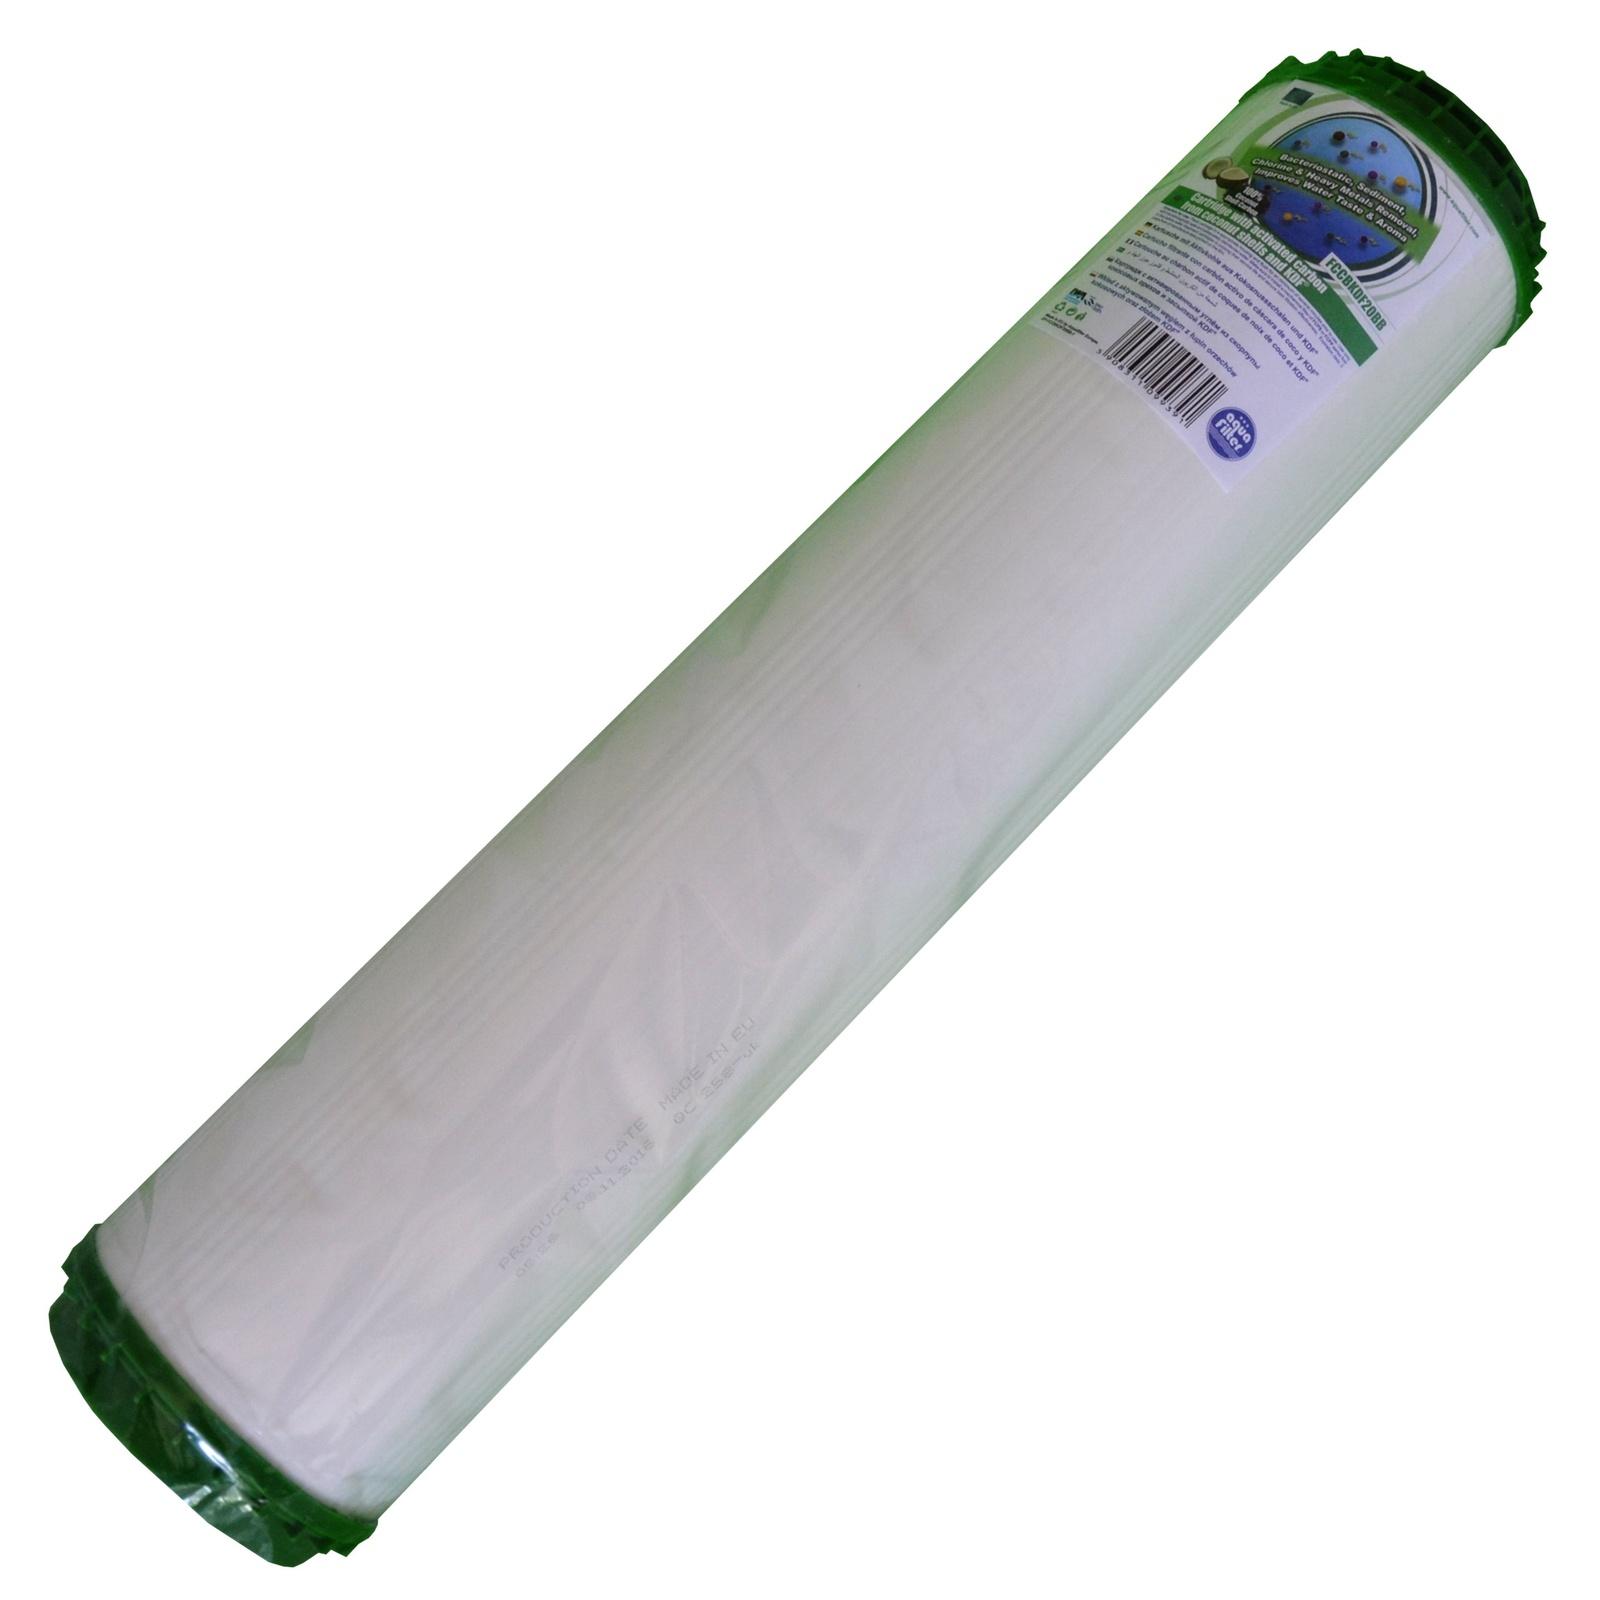 Картридж угольный, комбинированный 20ВВ (активированный уголь из скорлупы кокосовых орехов, гранулы полипропиленового волокна, загрузка KDF) Aquafilter FCCBKDF20BB, 674